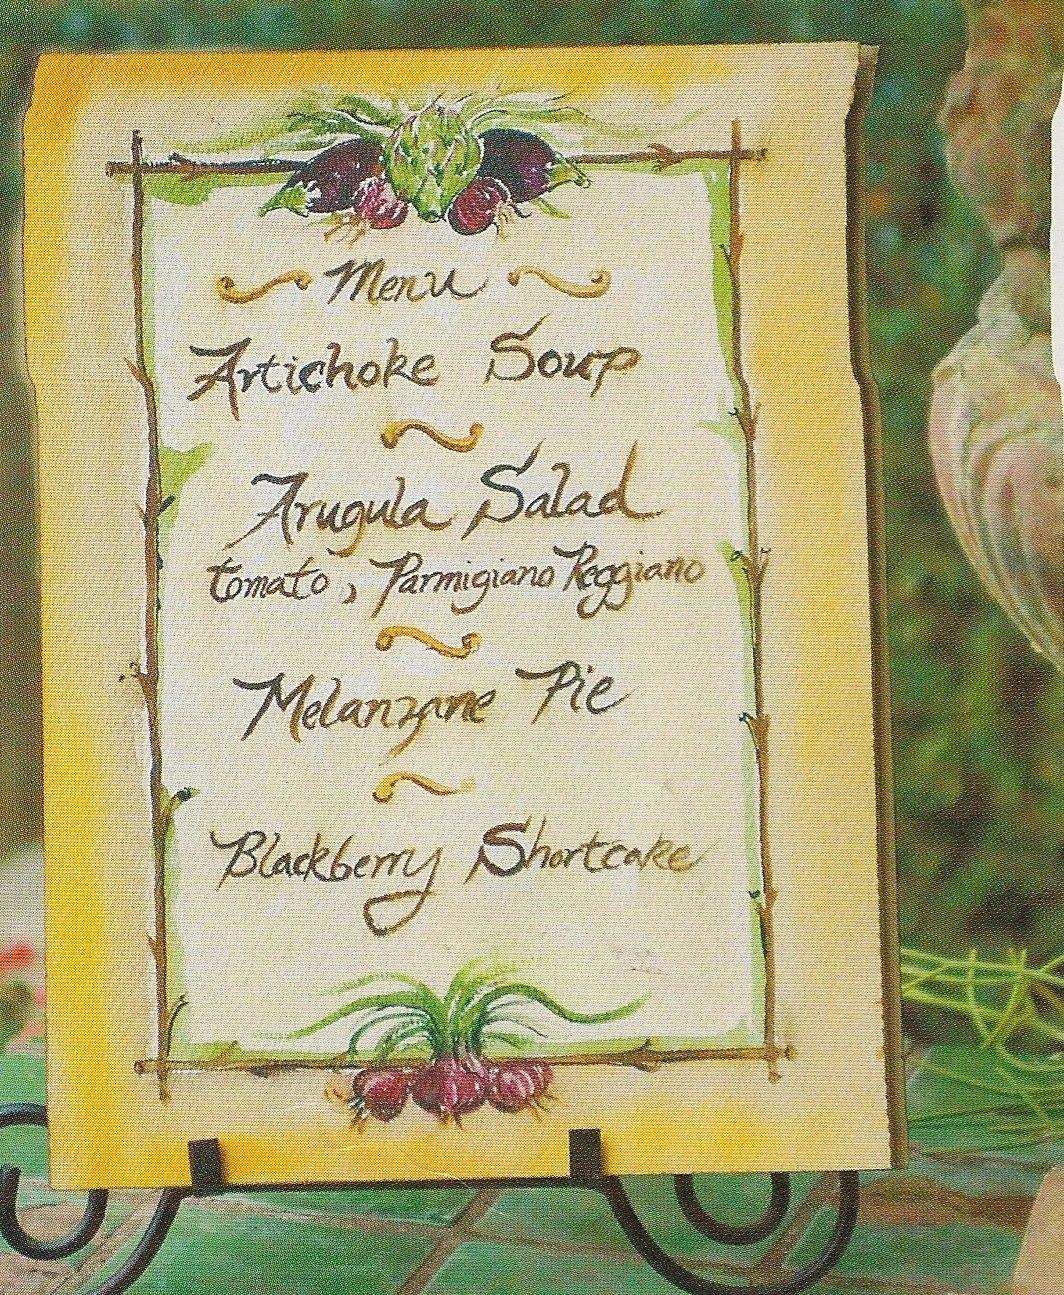 Riviera Boardwalk: A Garden Meal